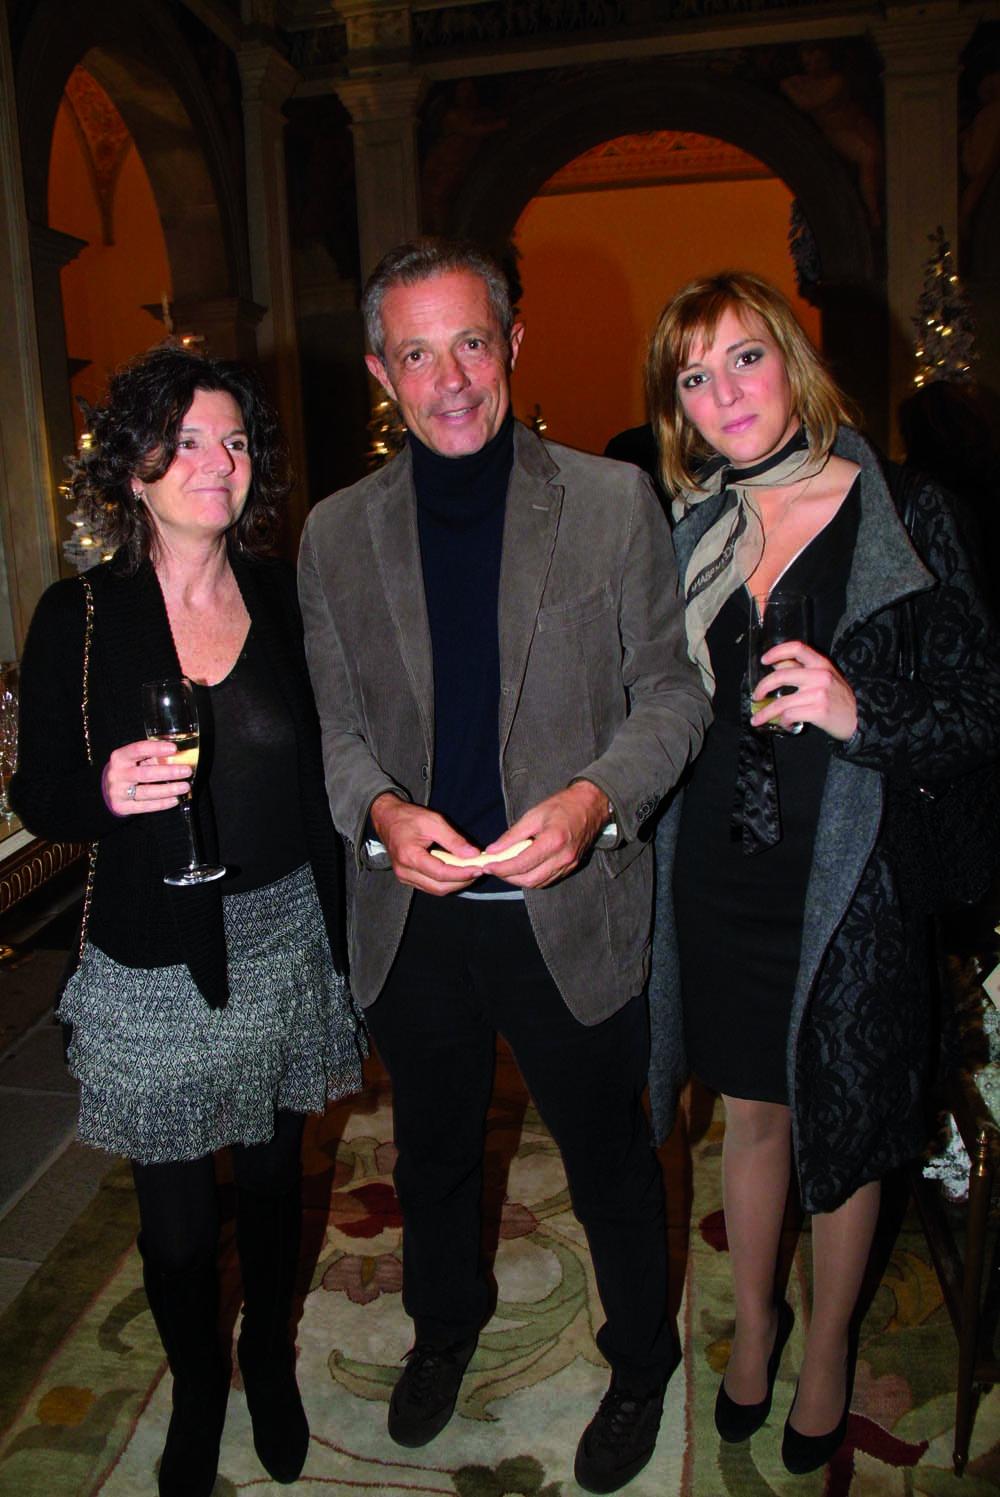 PressphotoFirenze -Hotel Four Season- Serata Piccini  nella foto: Cristina Piccini, Andrea Bussolin,Benedetta Bertoni